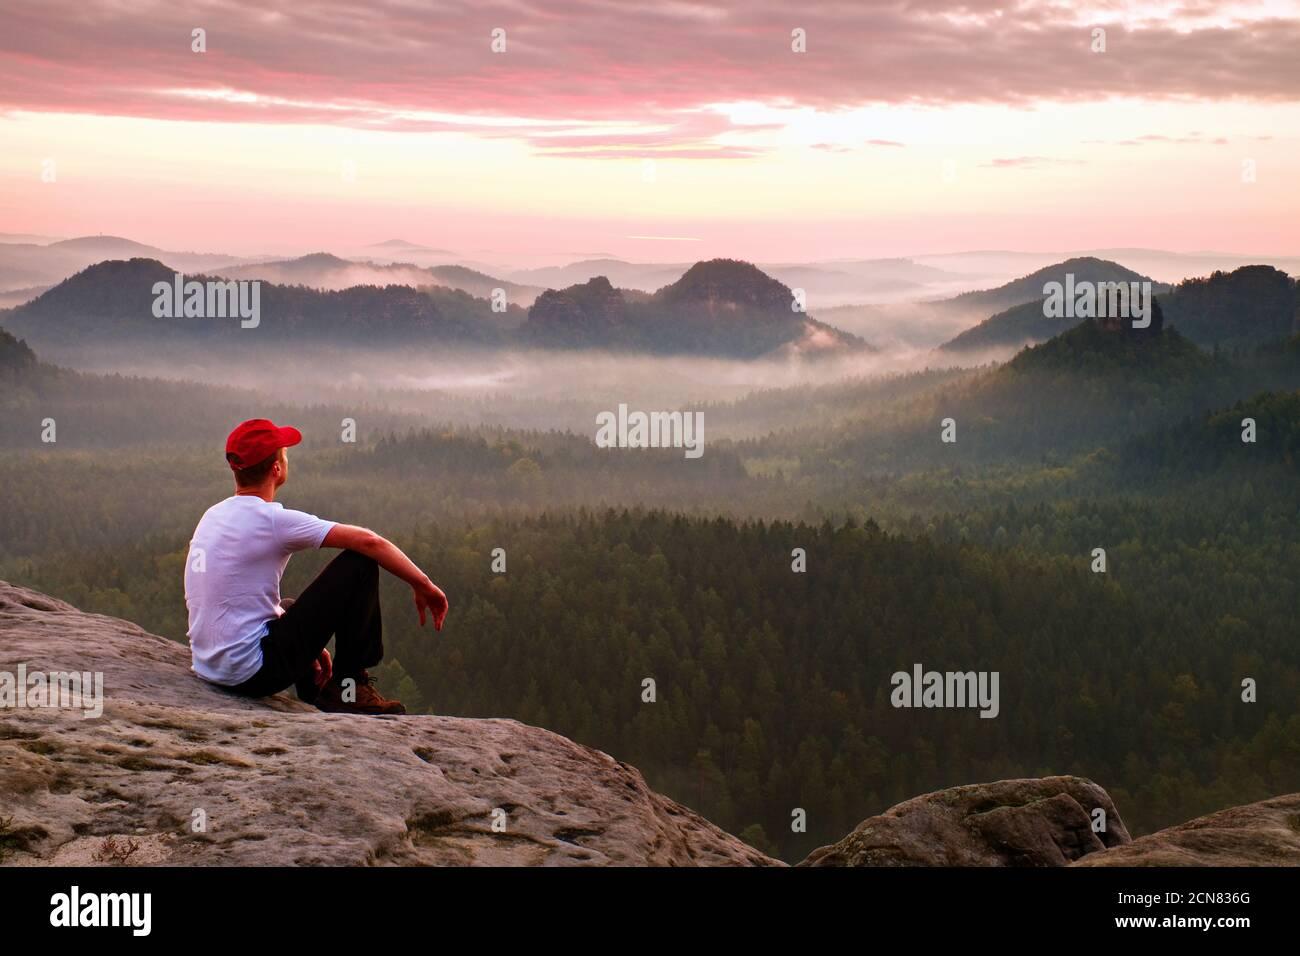 Adulte sportif en chemise blanche, troussards foncés et casquette rouge. Ginger Short Hair man s'asseoir sur une falaise vive au-dessus de la vallée dans la montagne rocheuse Banque D'Images